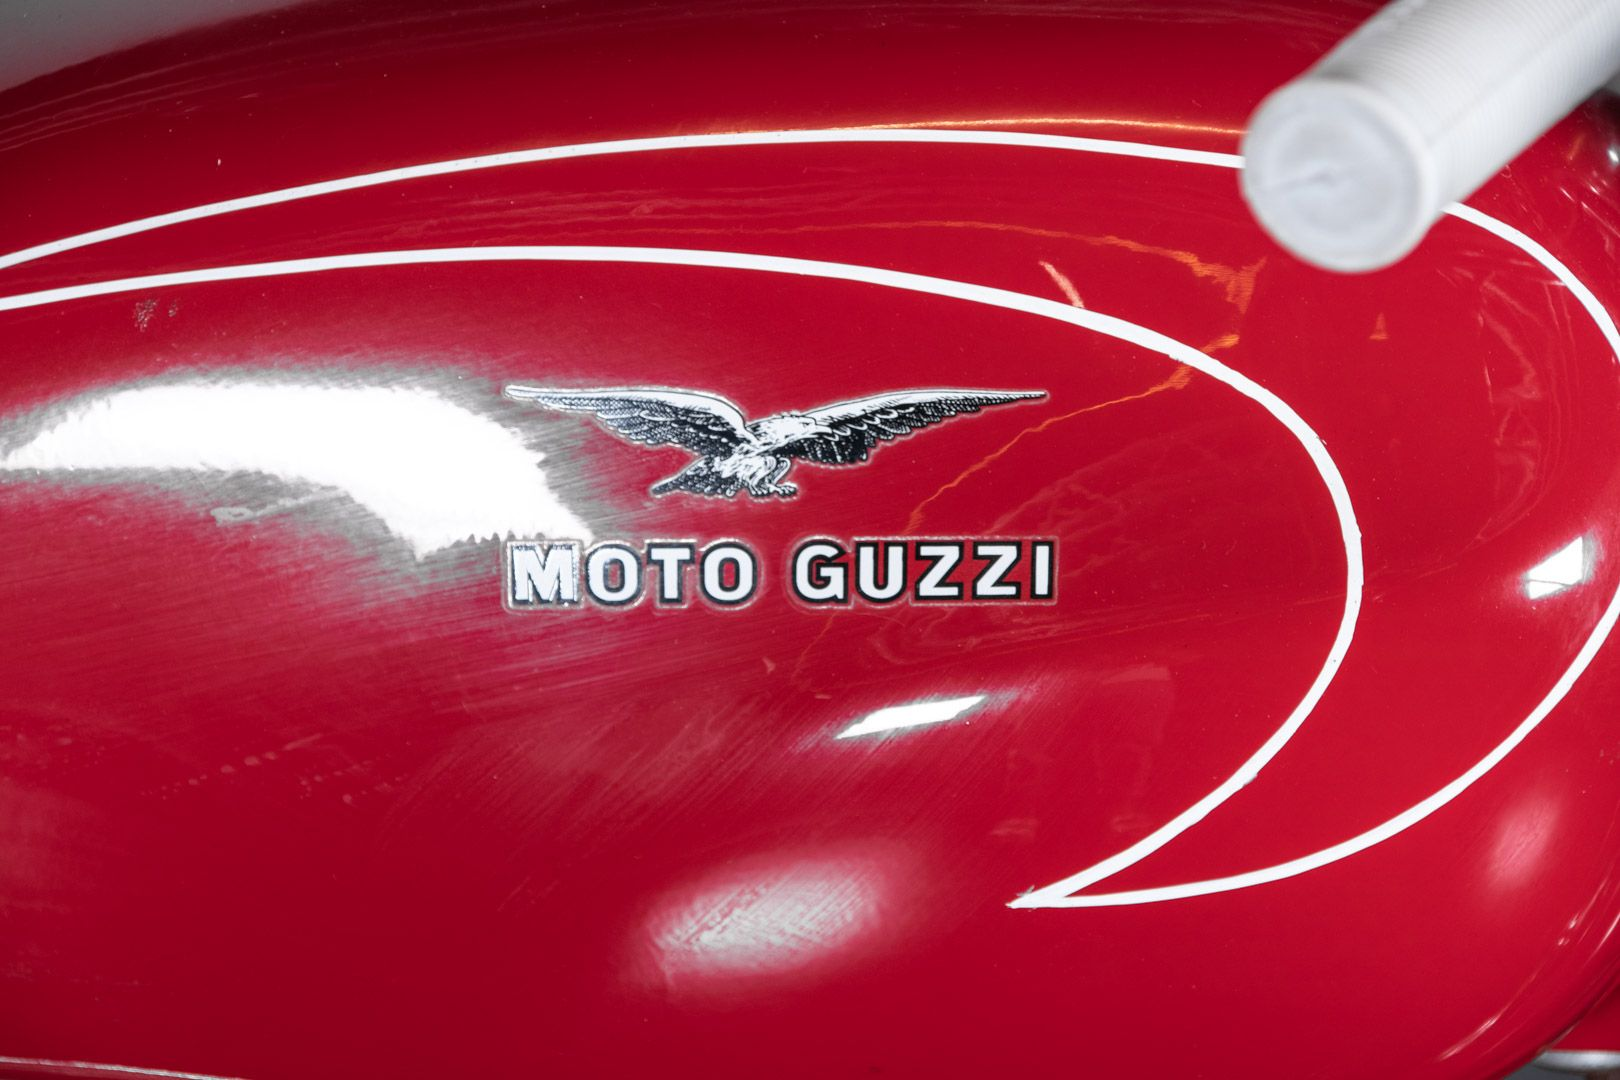 1963 Moto Guzzi Stornello 125 82251